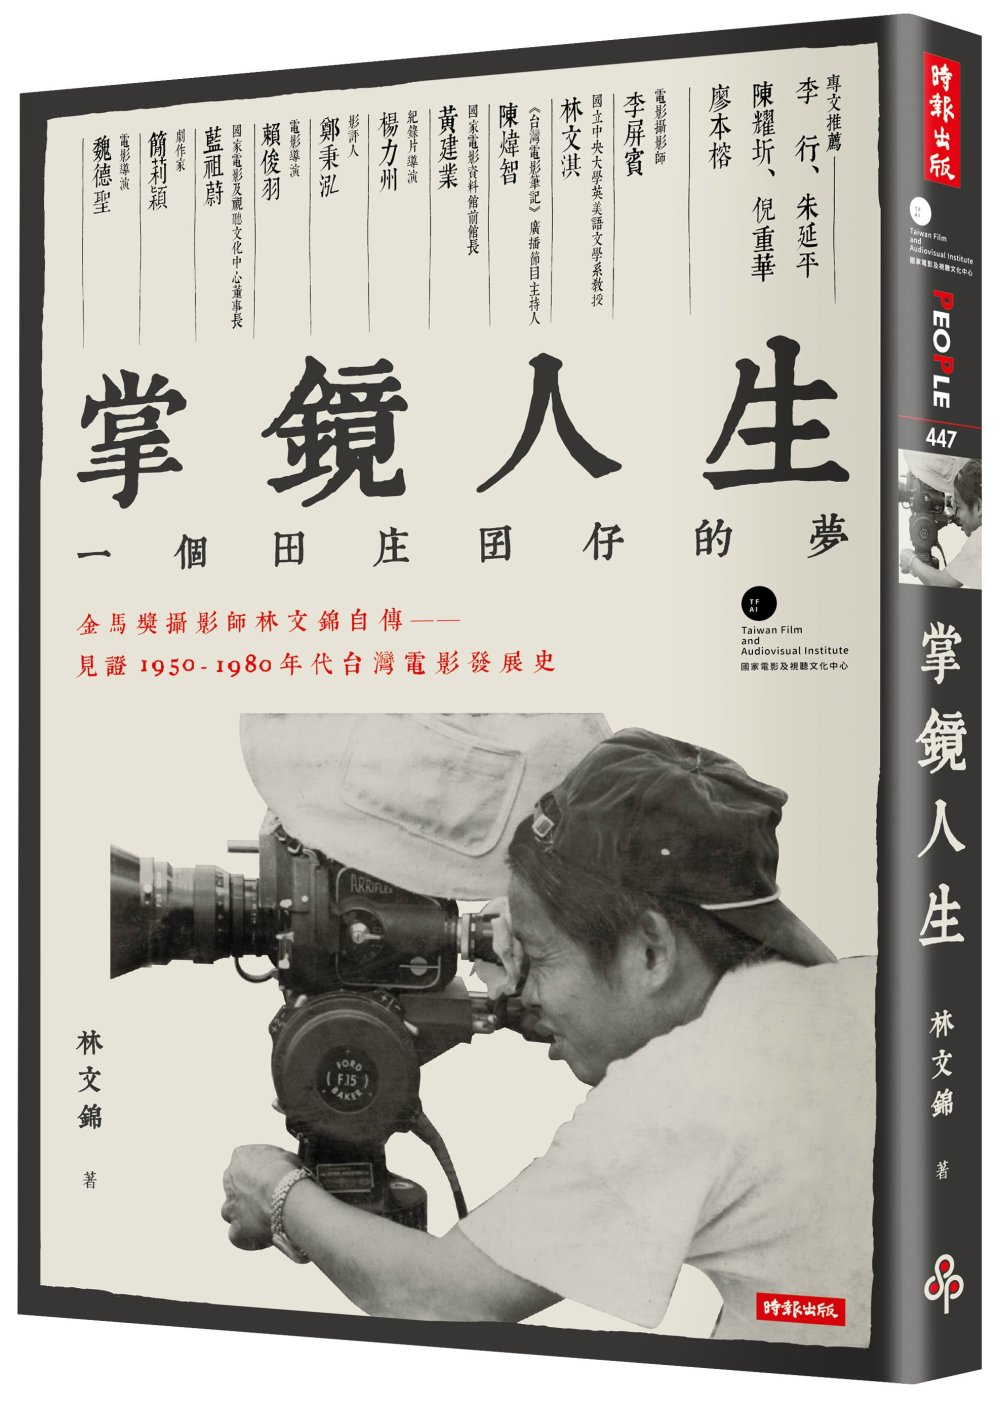 掌鏡人生:金馬獎攝影師林文錦自...